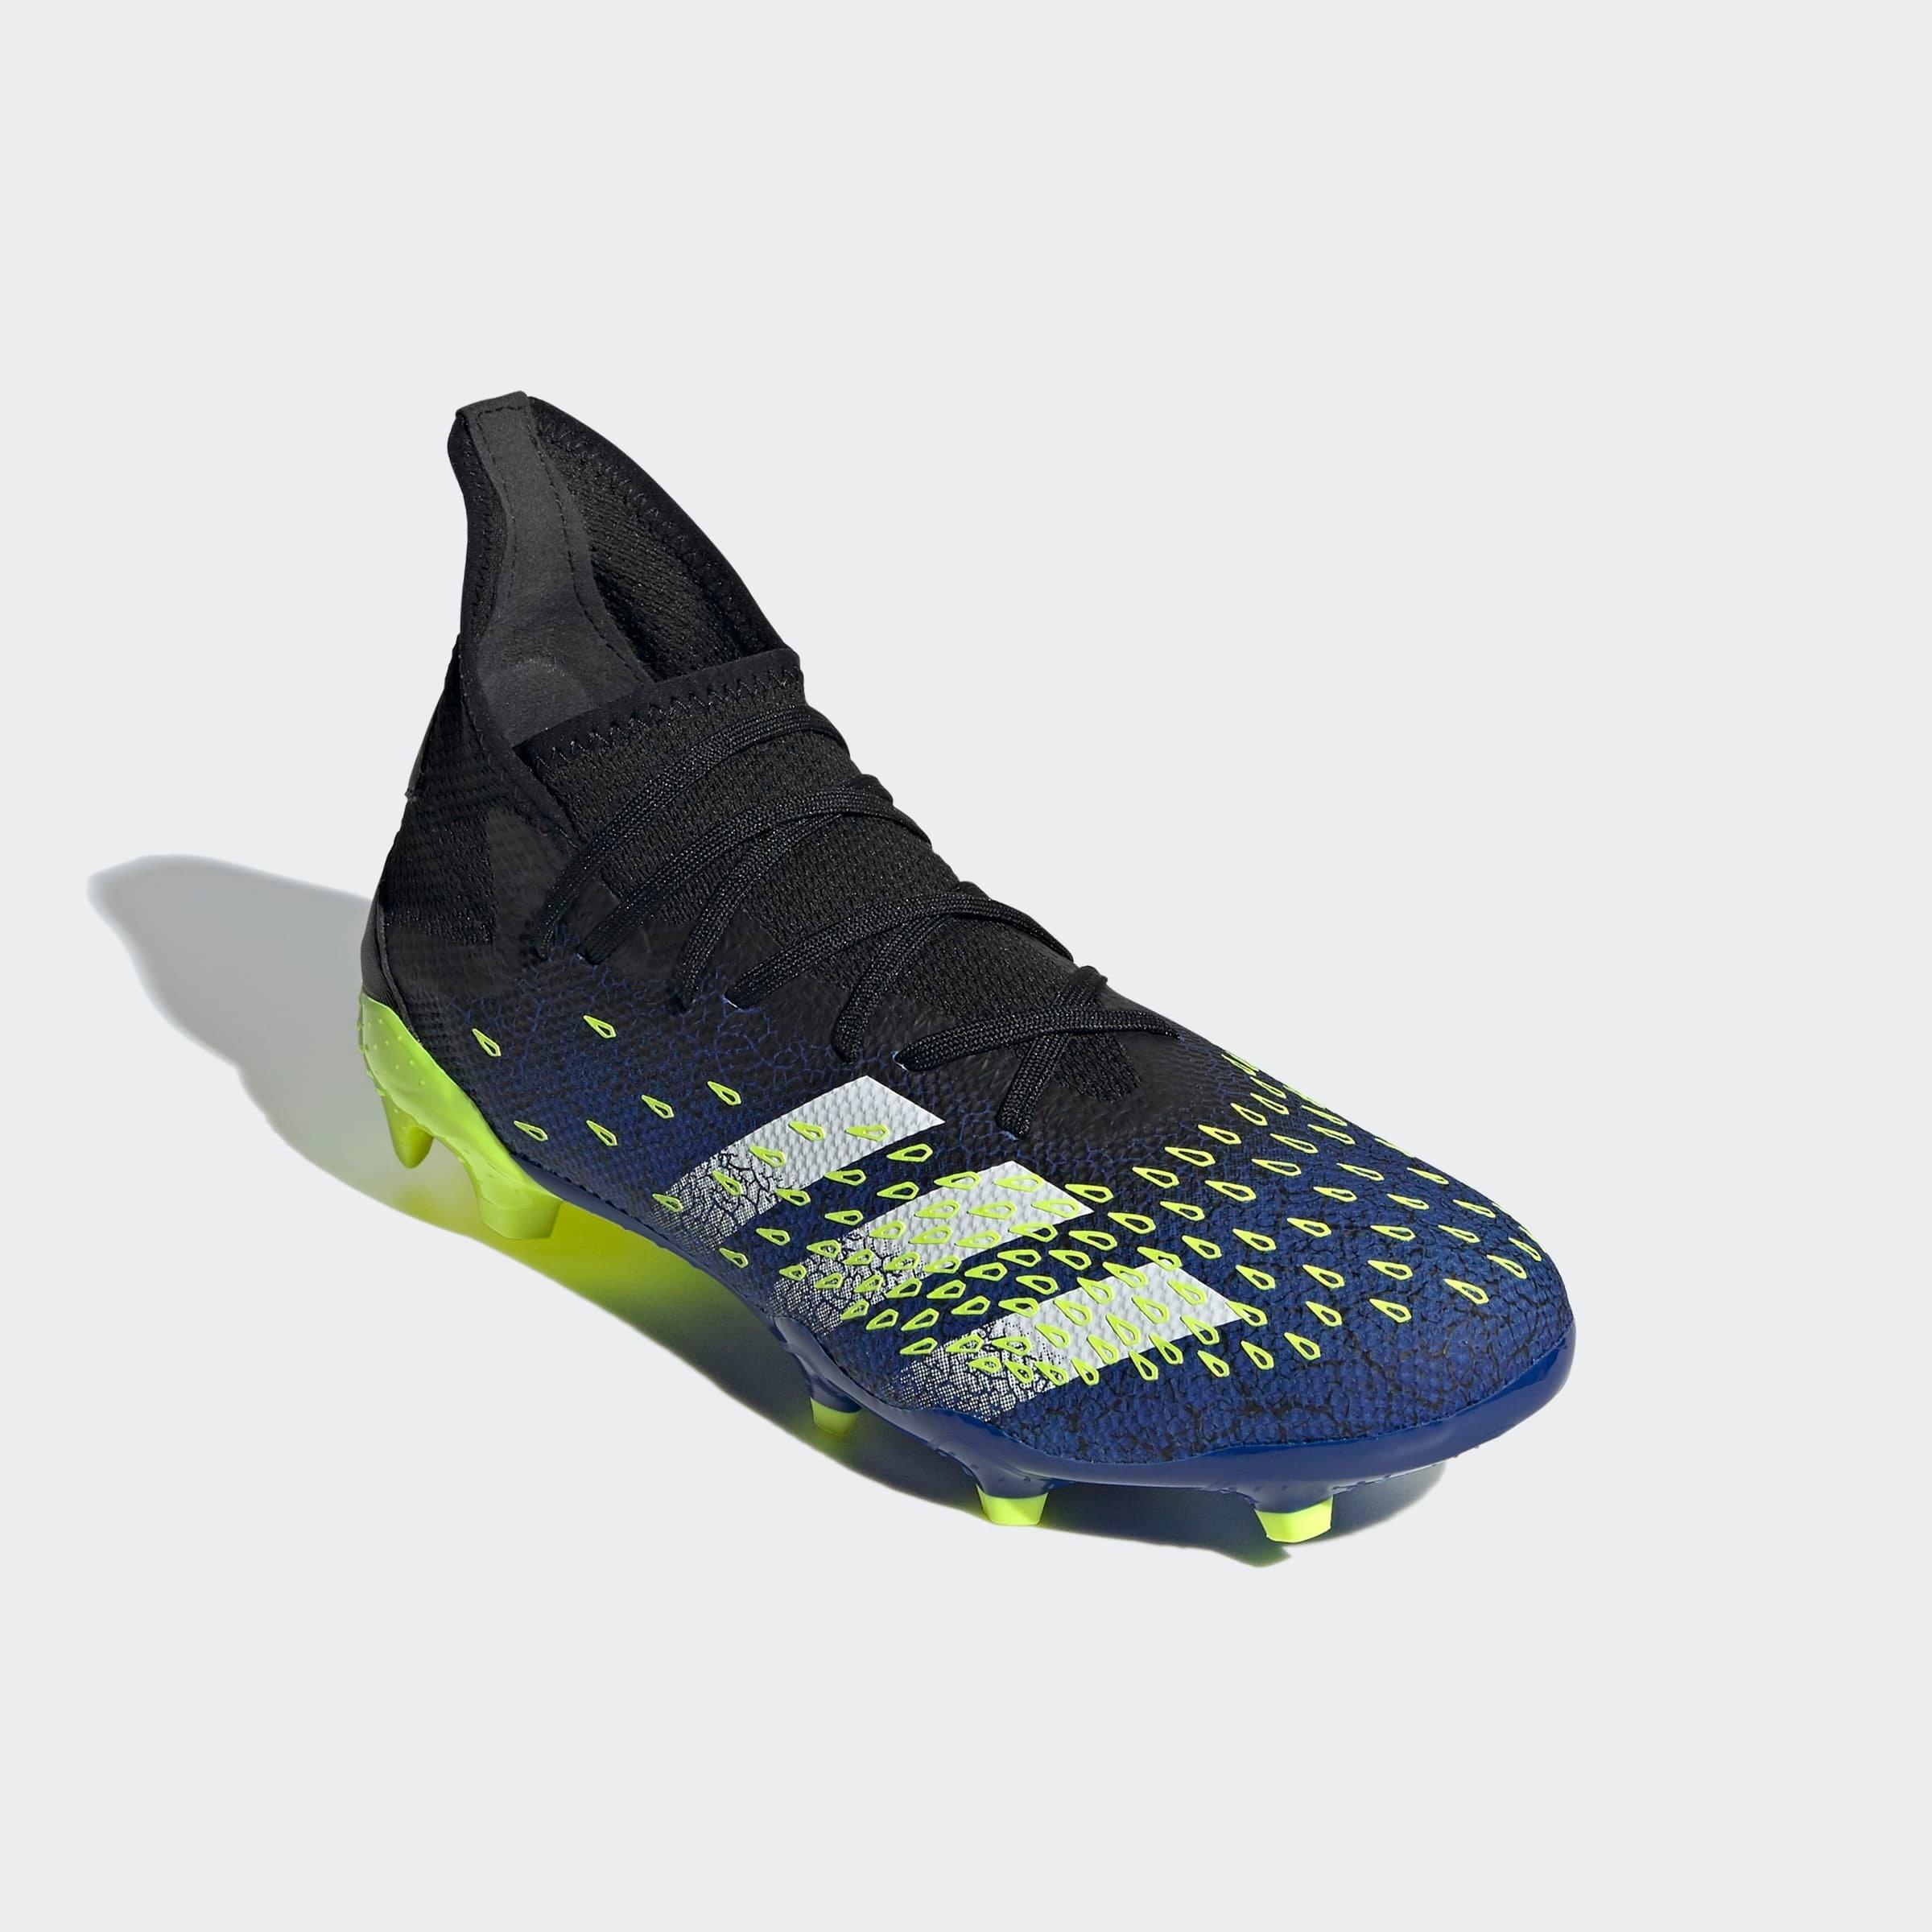 adidas Performance voetbalschoenen PREDATOR FREAK 3 FG bestellen: 30 dagen bedenktijd